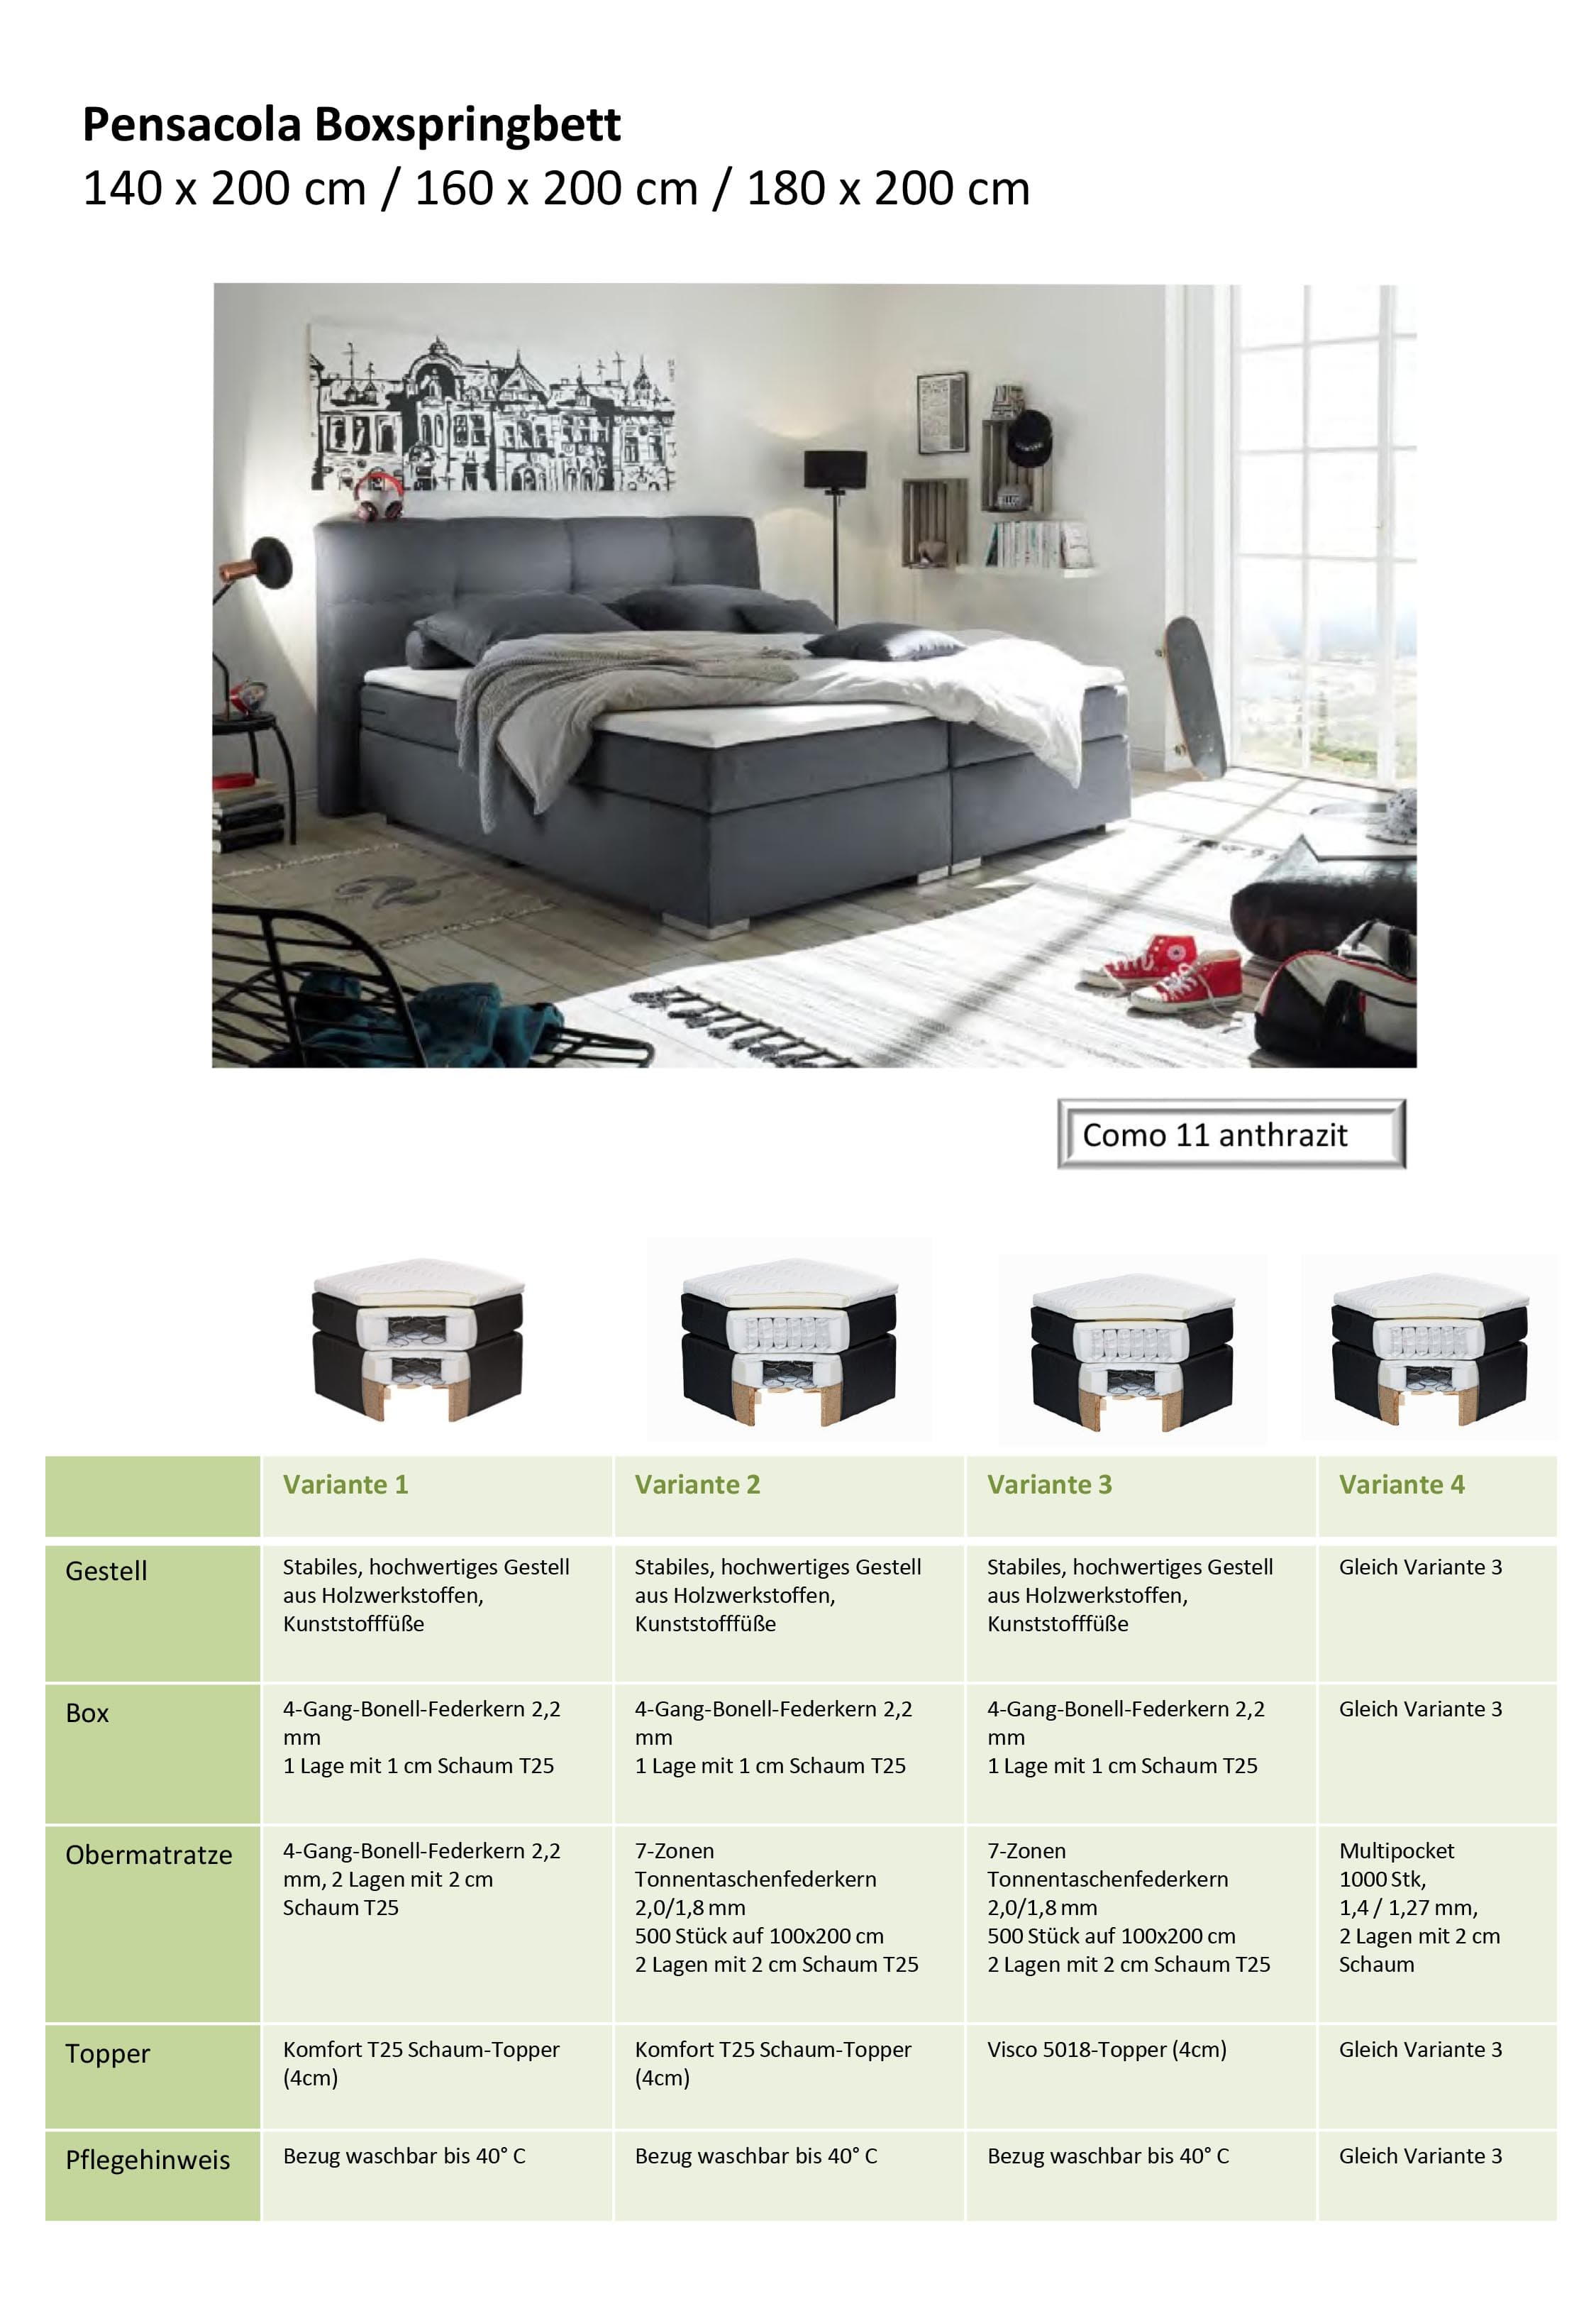 Das Pensacola Boxspringbett: in 140x200, 160x200 und 180x200 cm online bestellen.